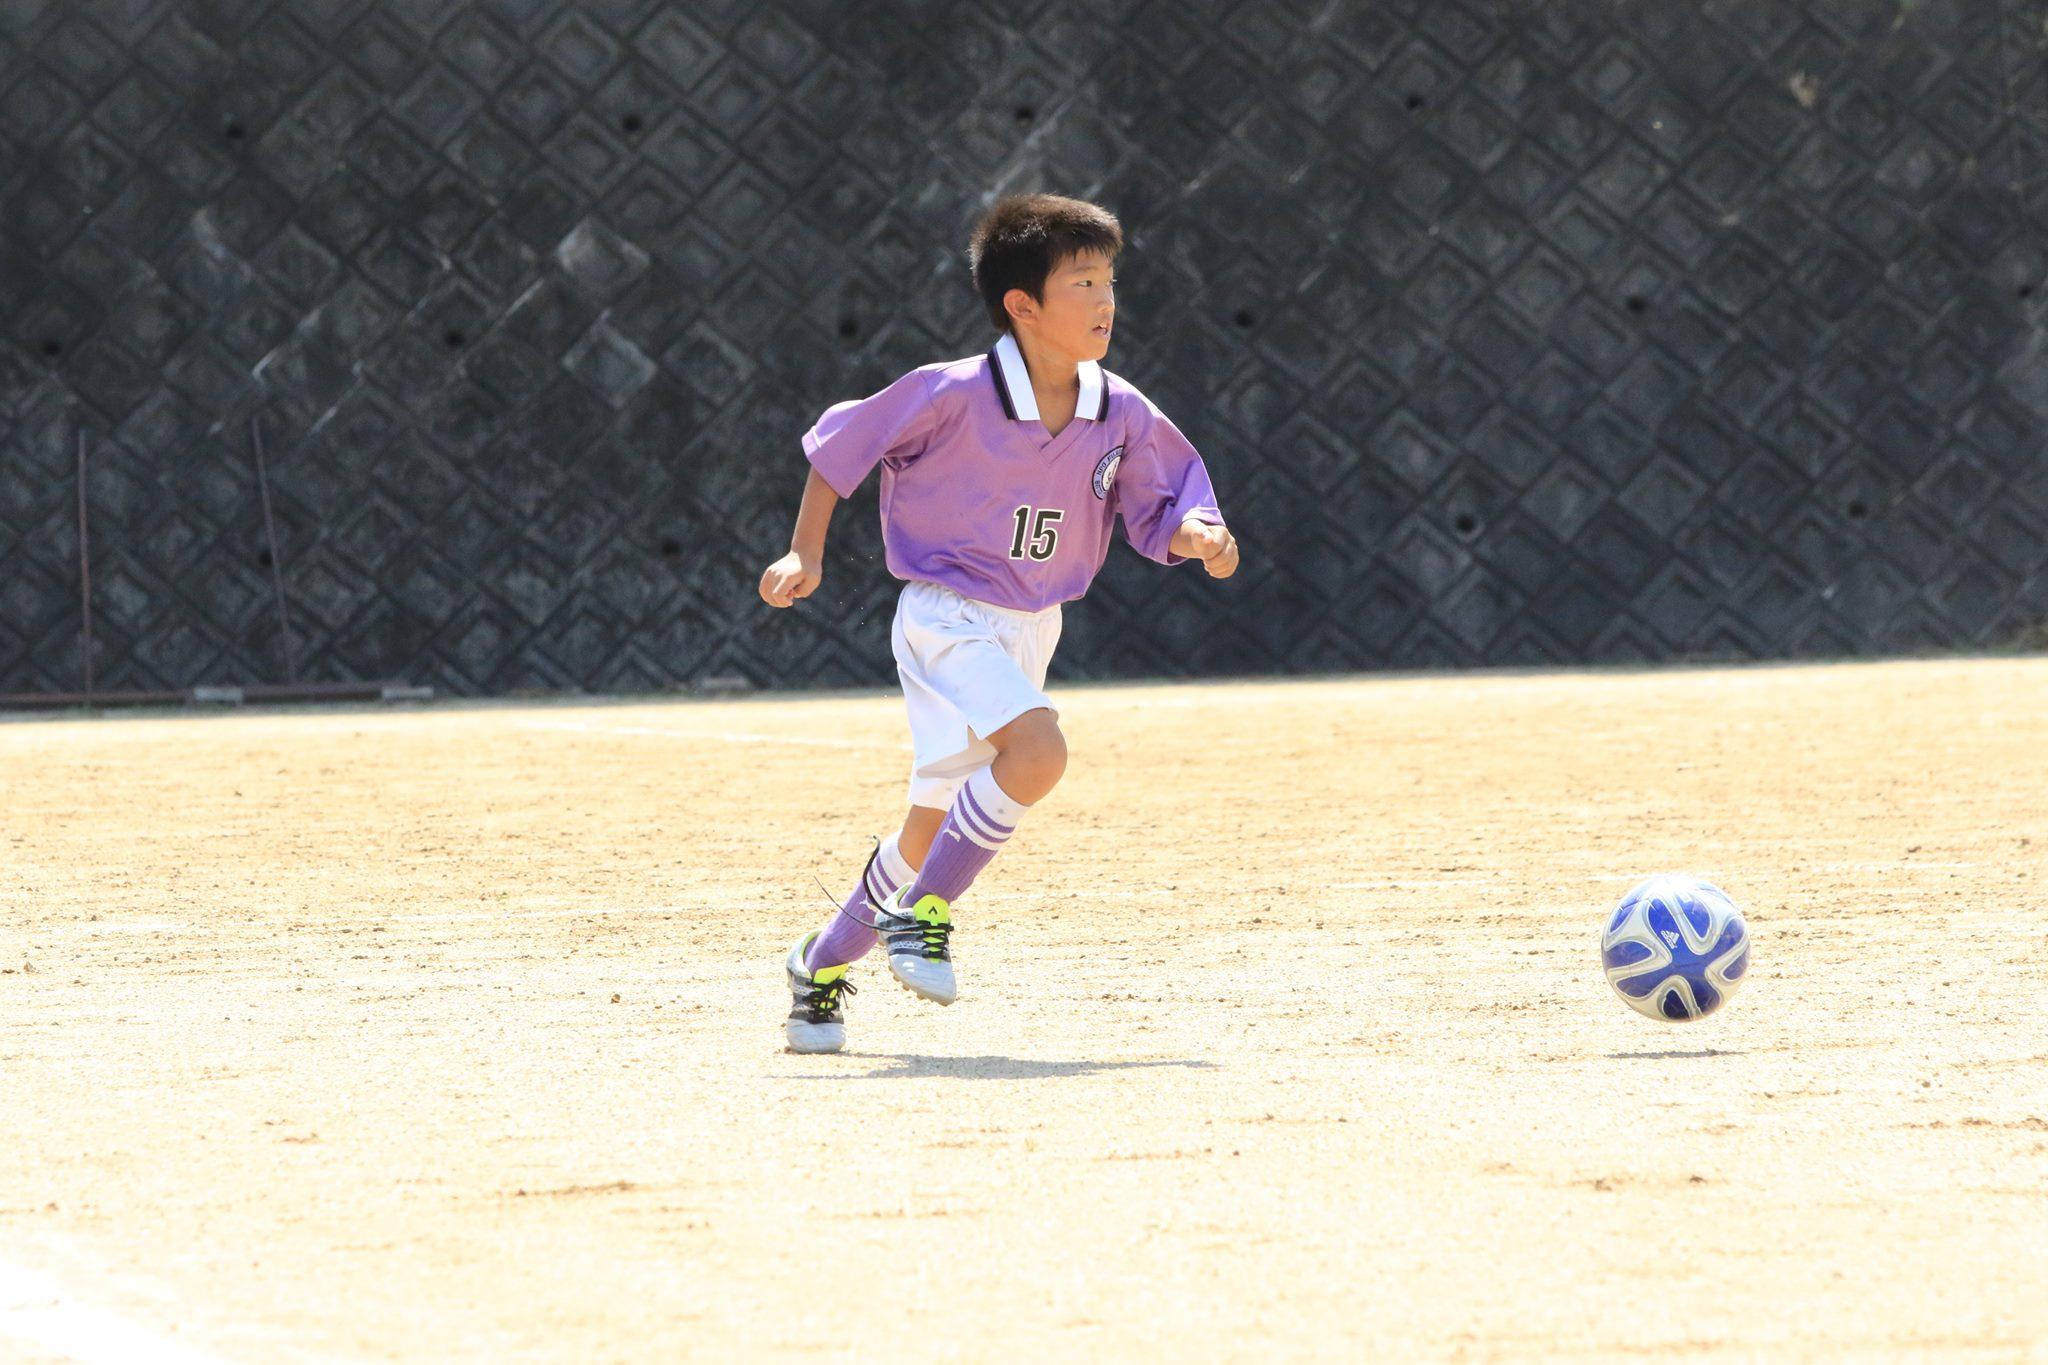 2016U10しんきんカップ中西部予選vs焼津南08.jpg